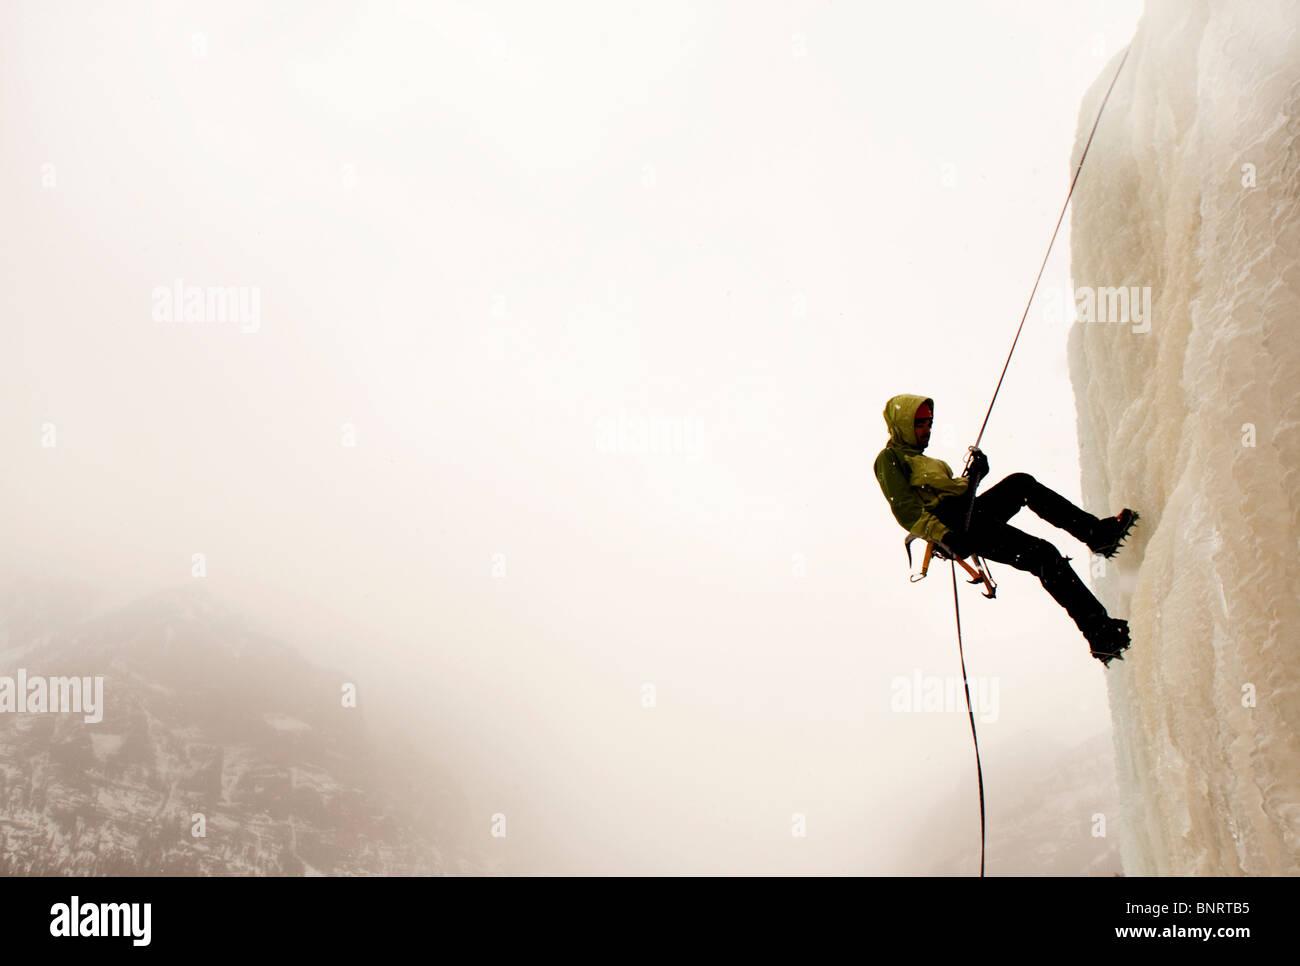 Un hombre de escalada en hielo. Foto de stock